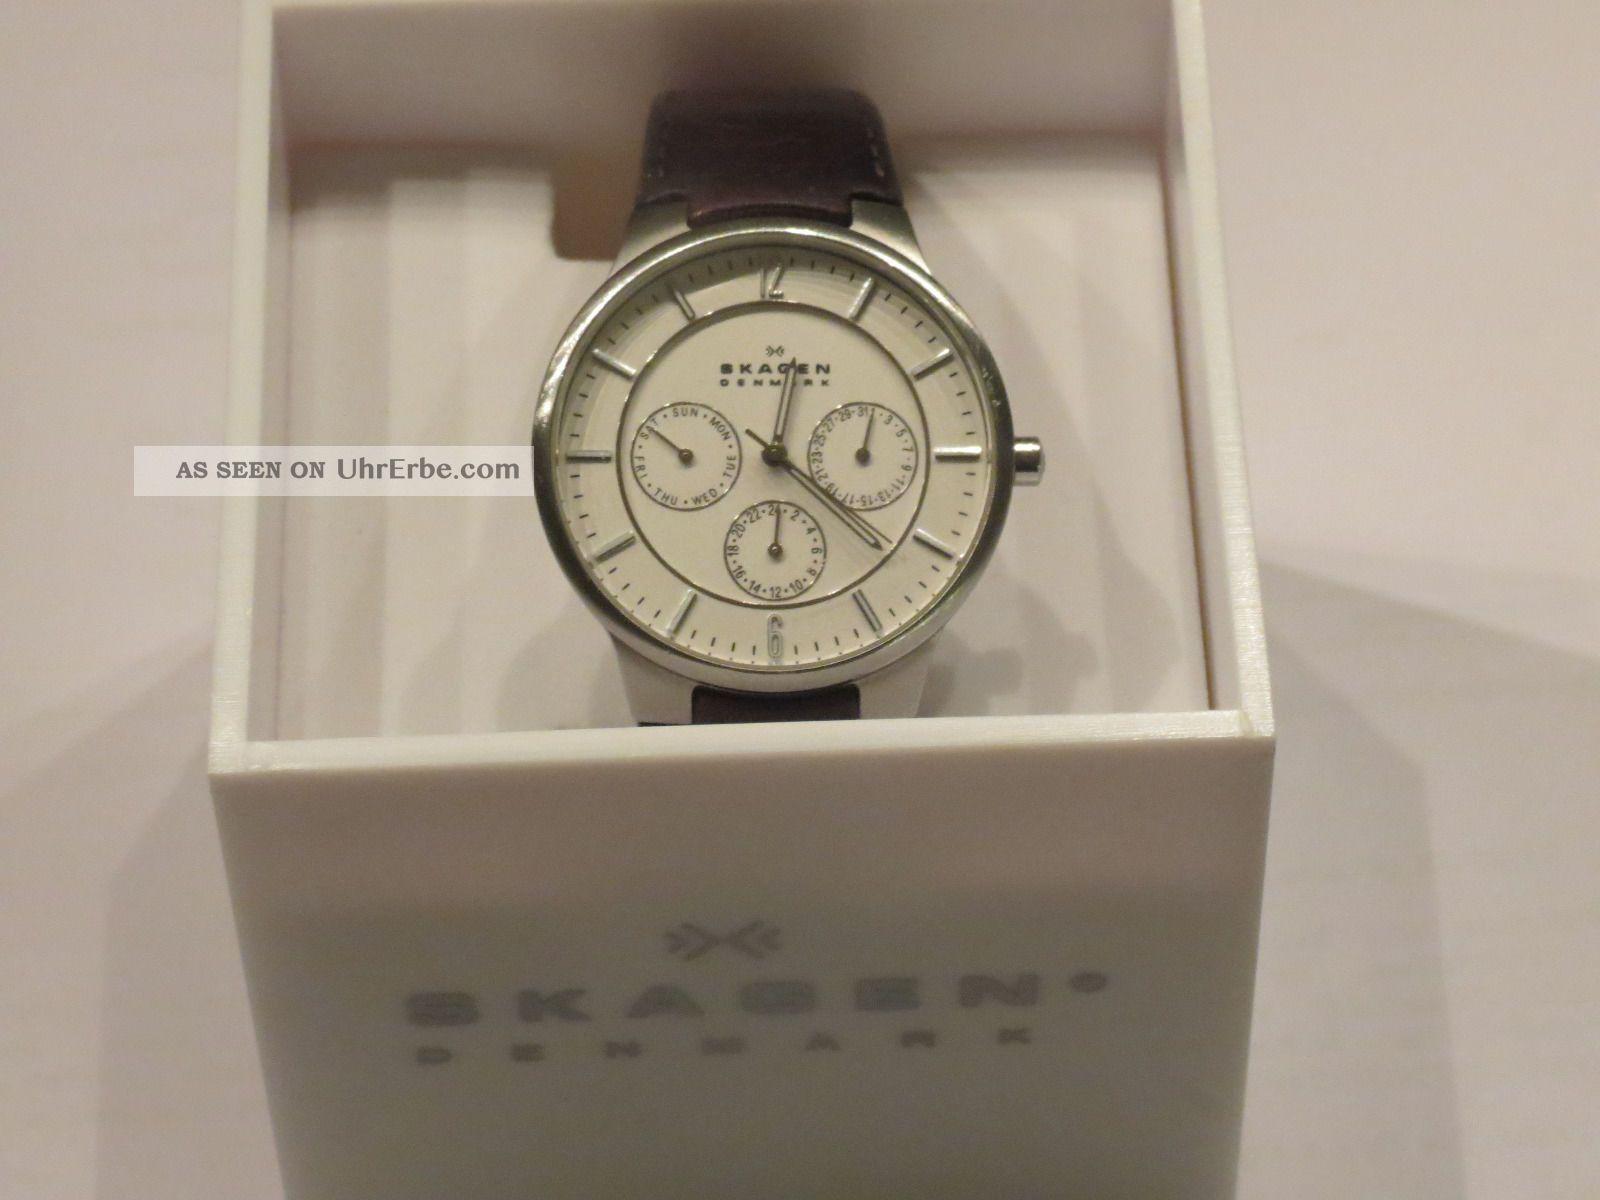 Skagen Herrenuhr 331 Xlsl1 Armbanduhren Bild